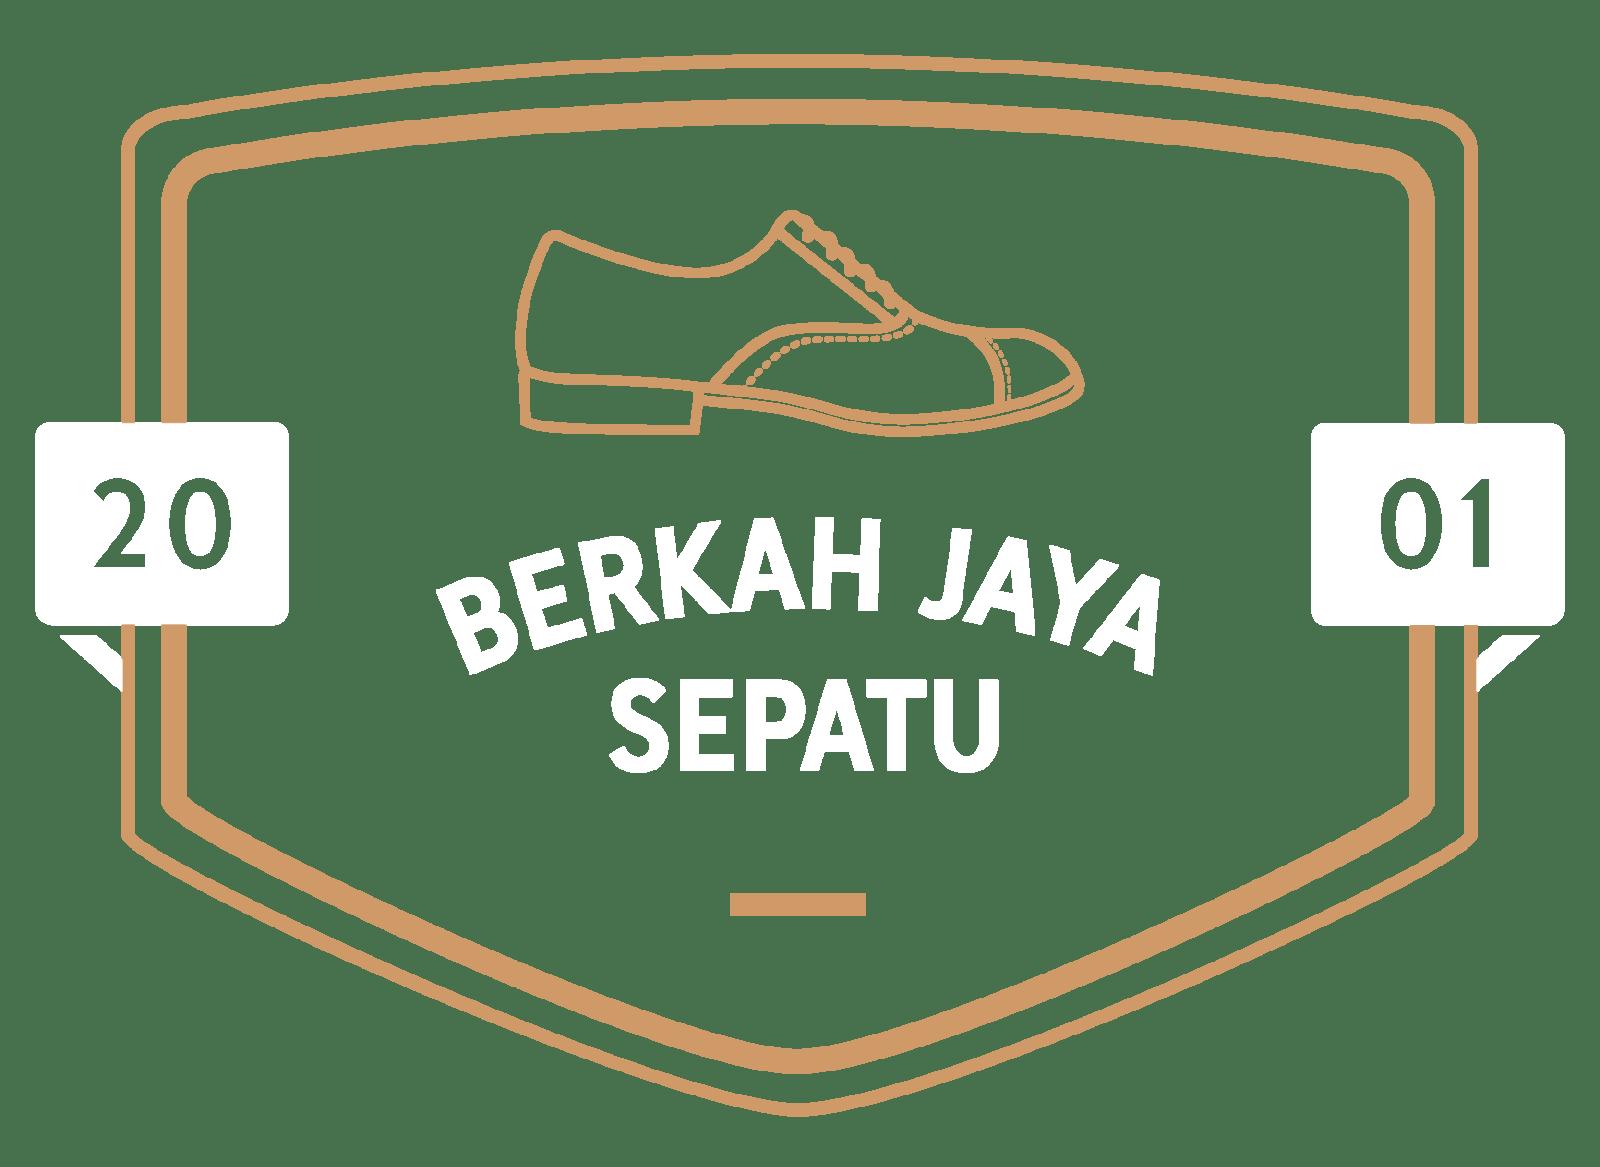 Galeri, CV. Berkah Jaya Sepatu